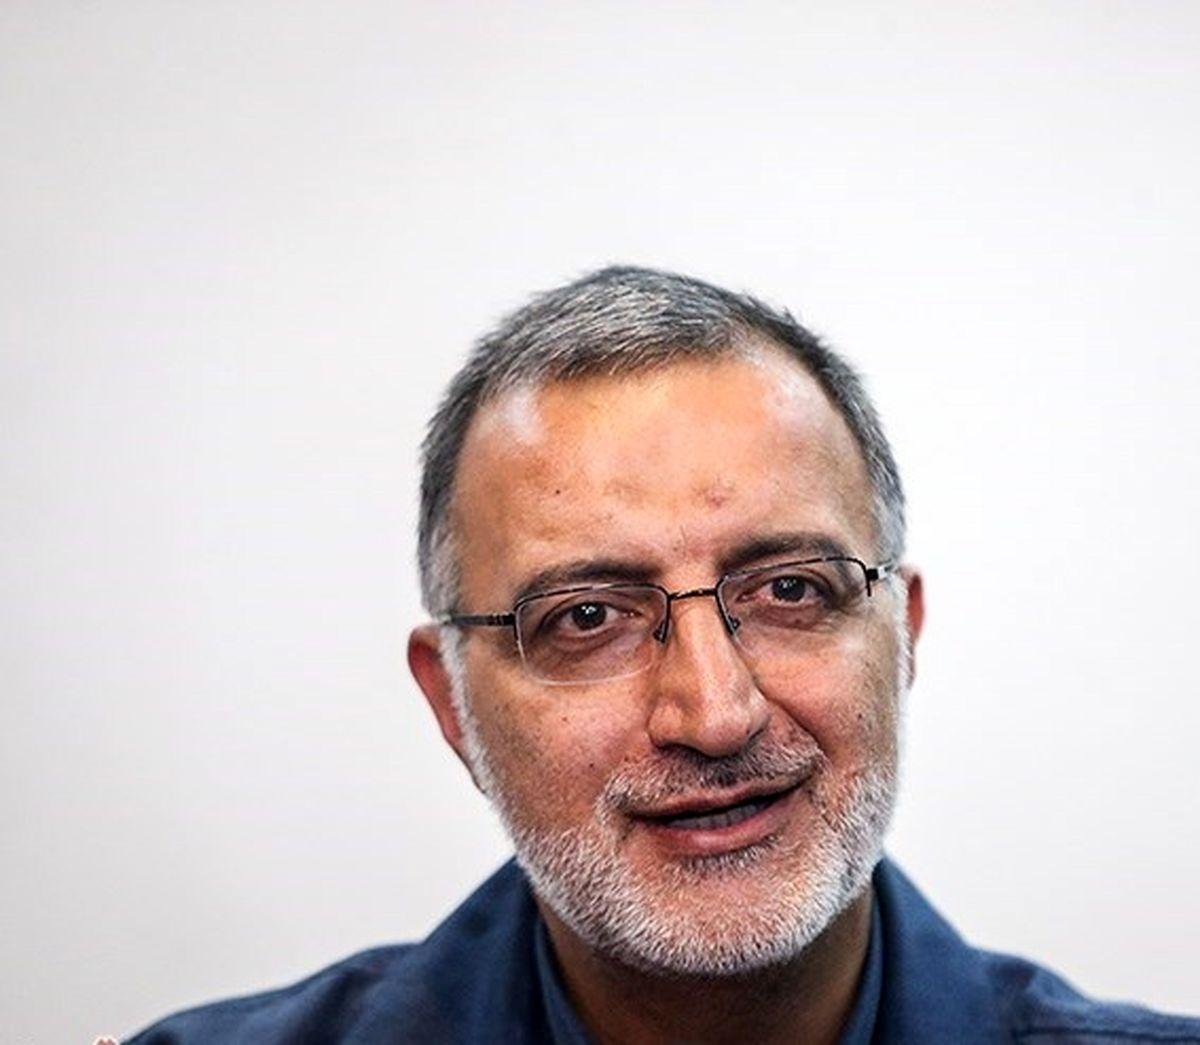 زاکانی رئیس مرکز پژوهشهای مجلس شد